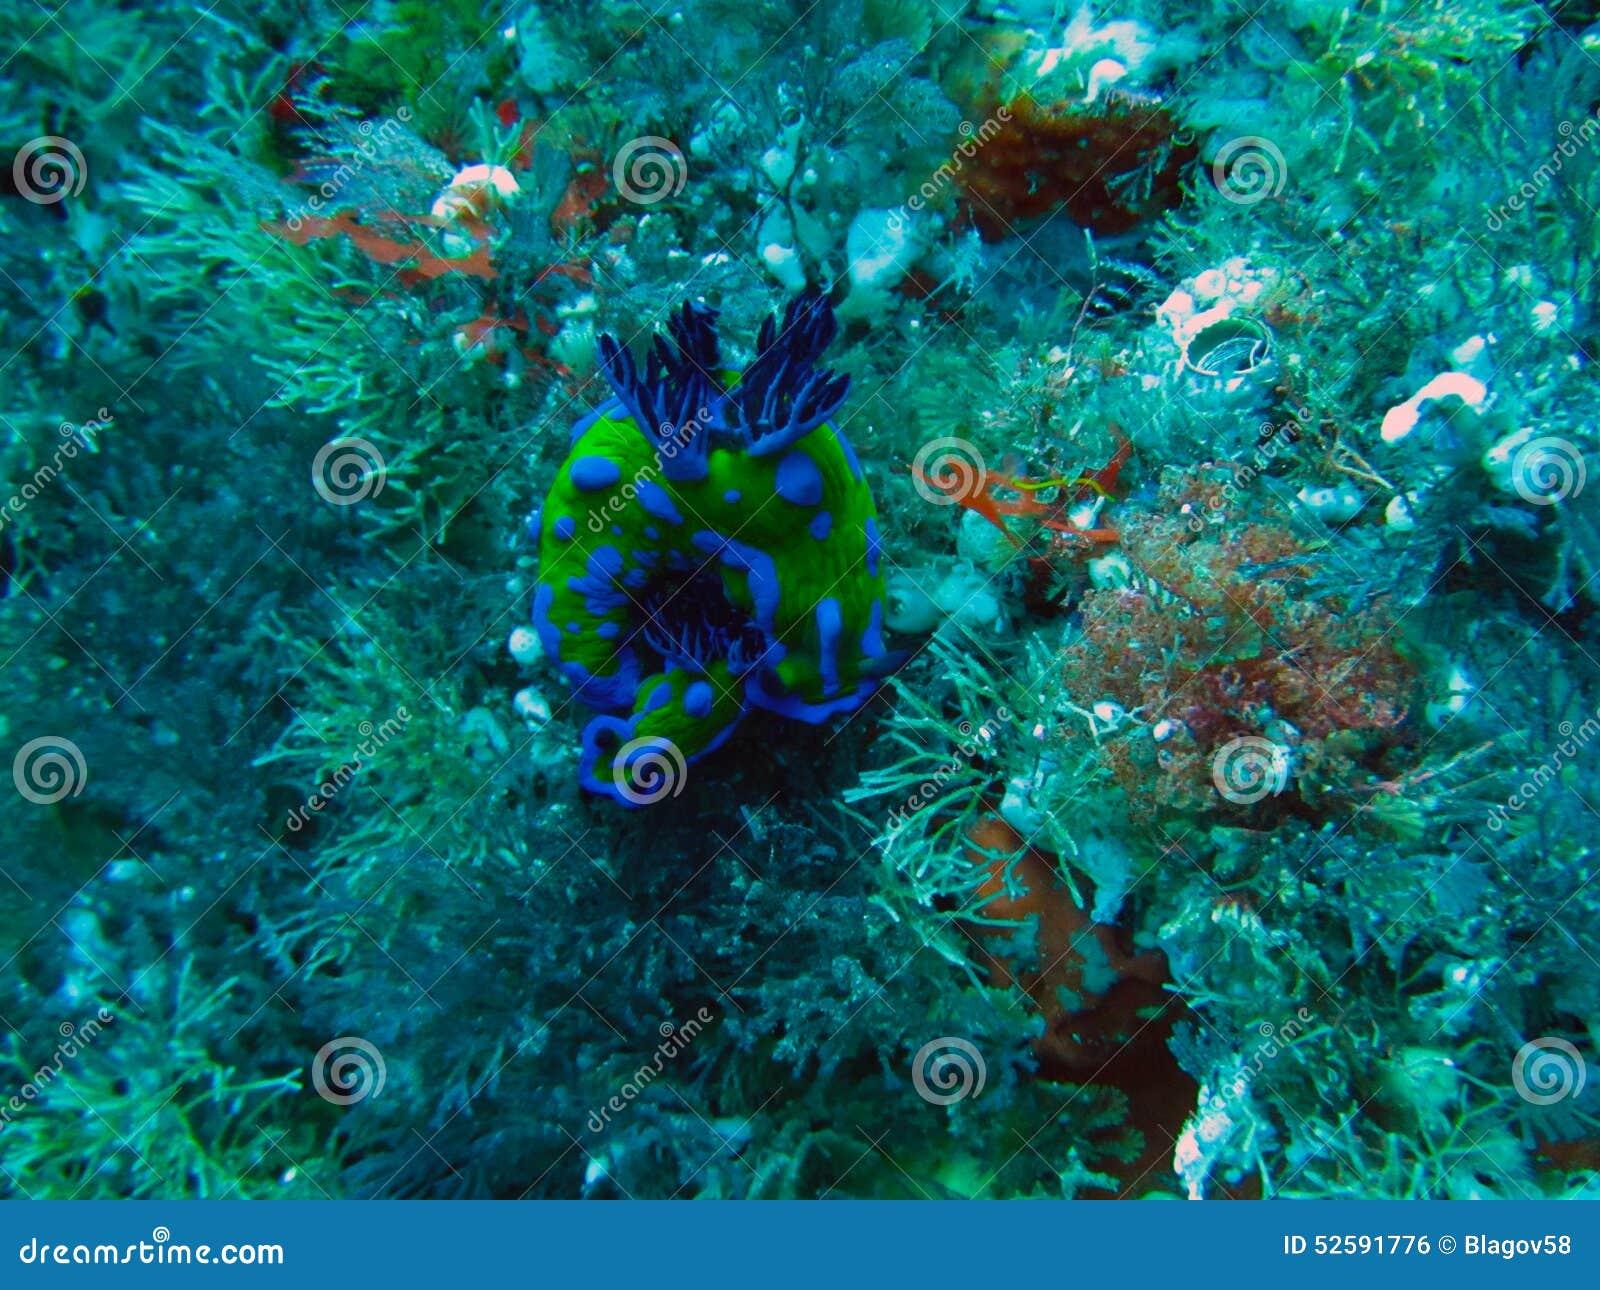 Islas Marine Reserve de los caballeros de los pobres subacuática